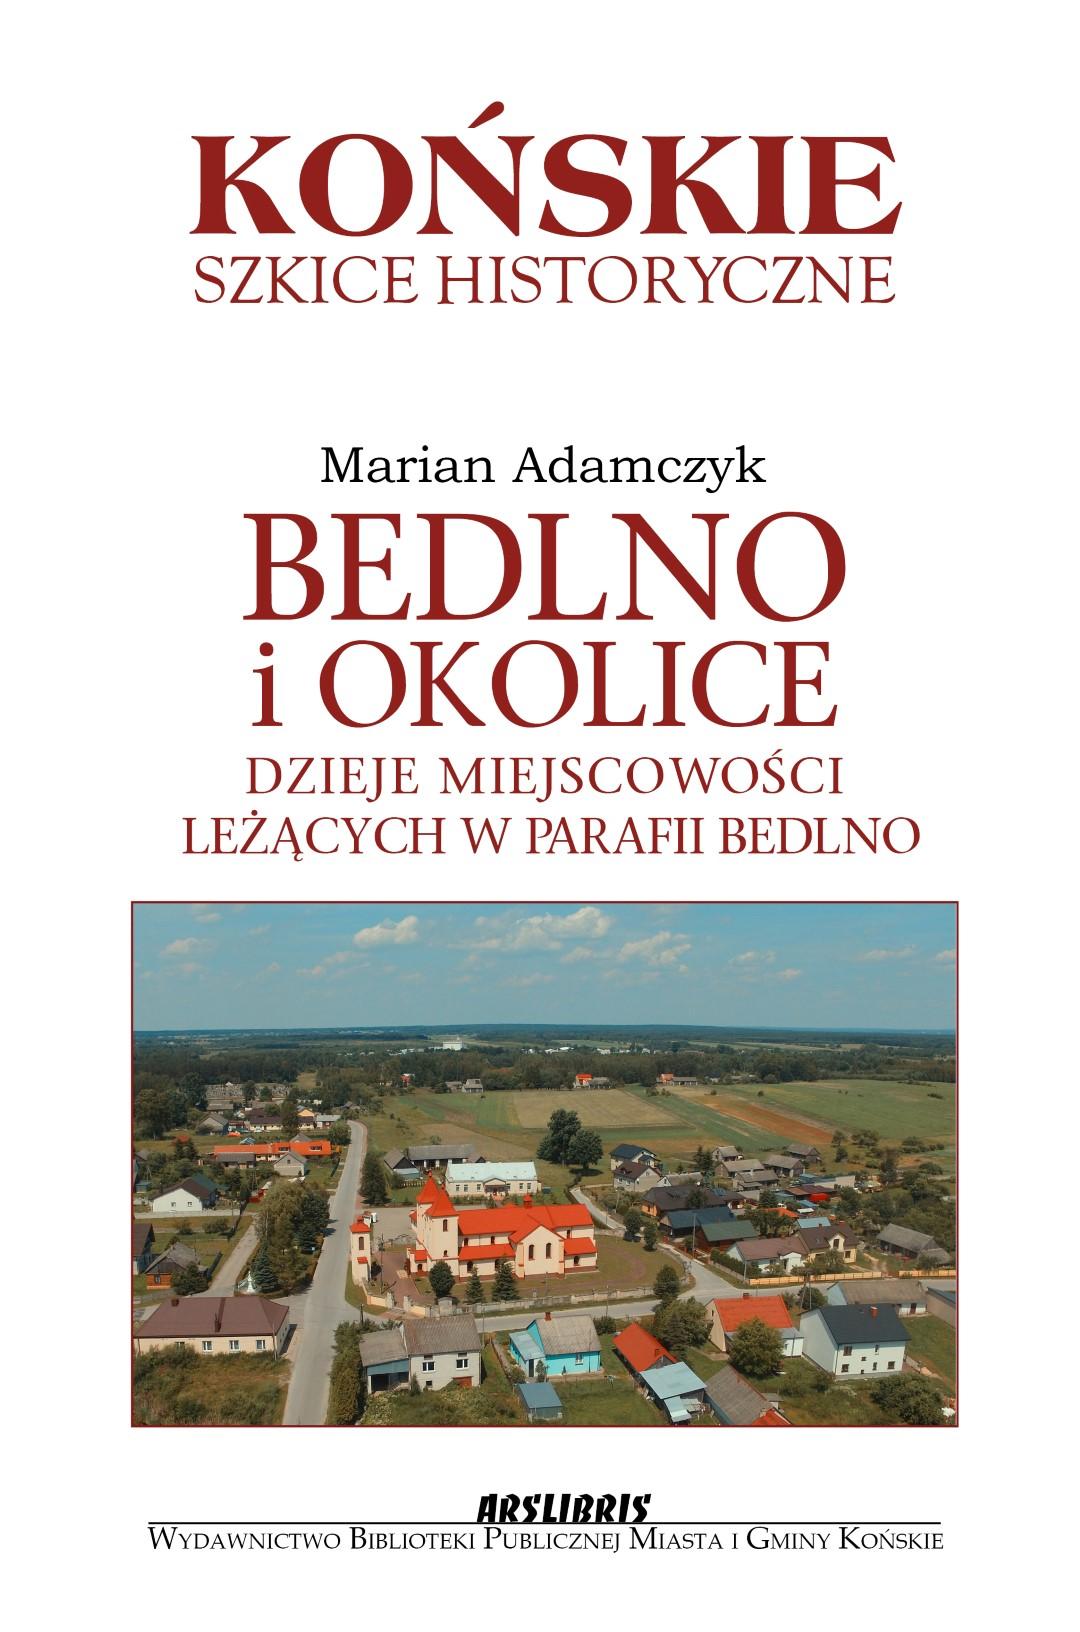 Okładka Adamczyk Bedlno (Large)